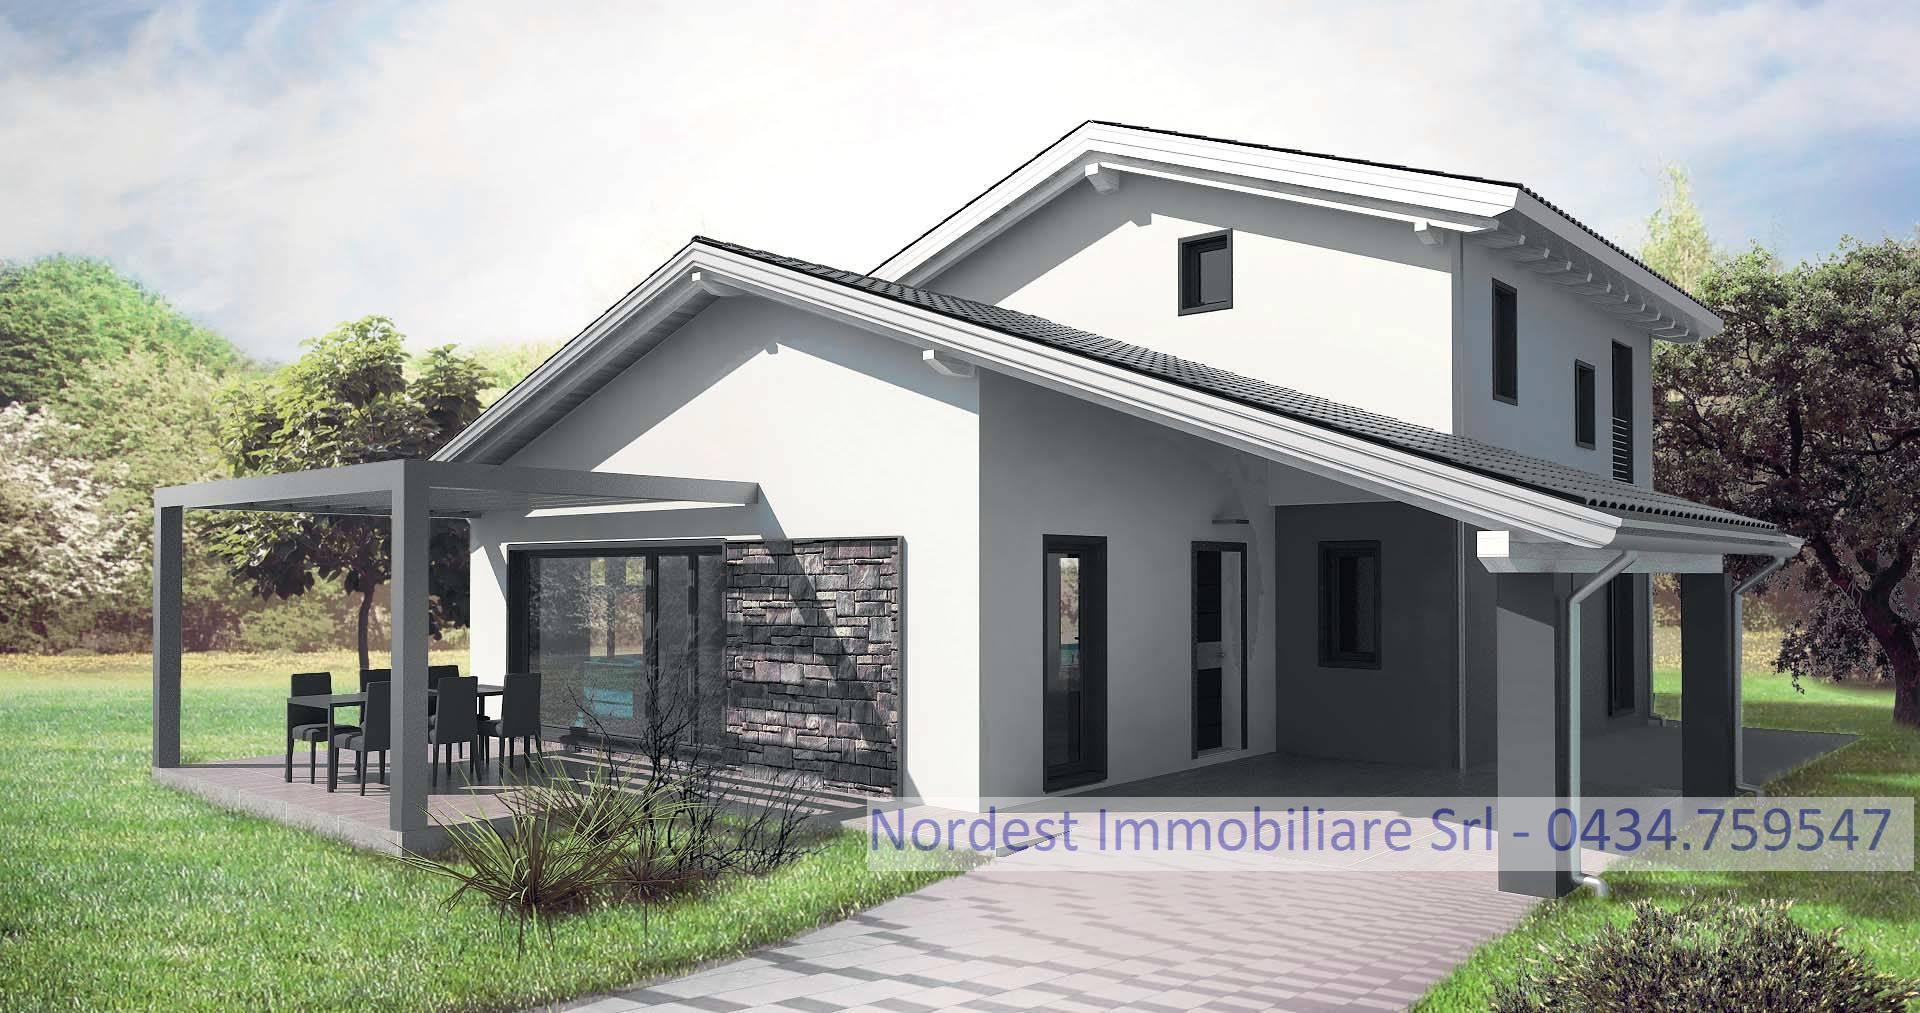 Soluzione Indipendente in vendita a Selva di Cadore, 6 locali, prezzo € 160.000 | CambioCasa.it